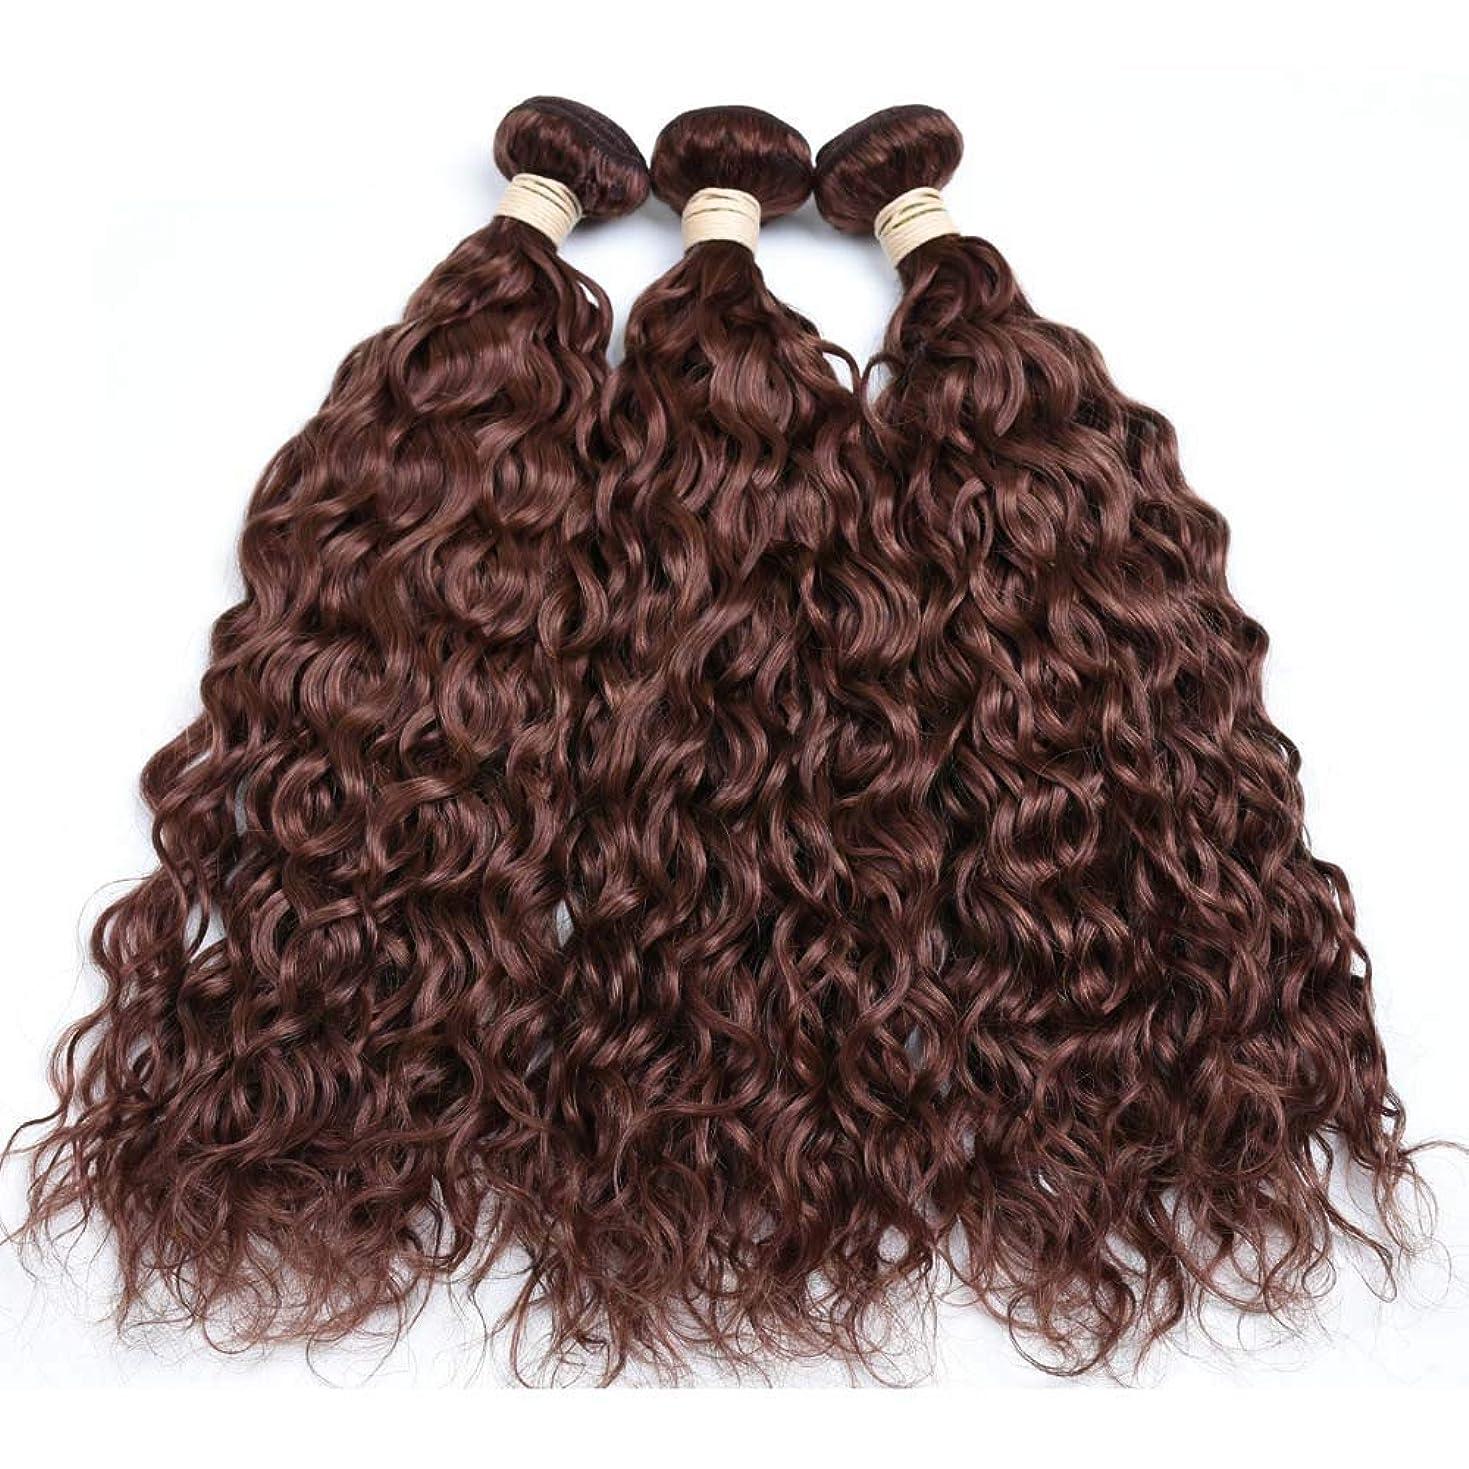 イチゴ従順な城YESONEEP ブラジルの髪の束ブラジルの水の波100%未処理の本物の人間の髪の毛#33ブラウン色(8